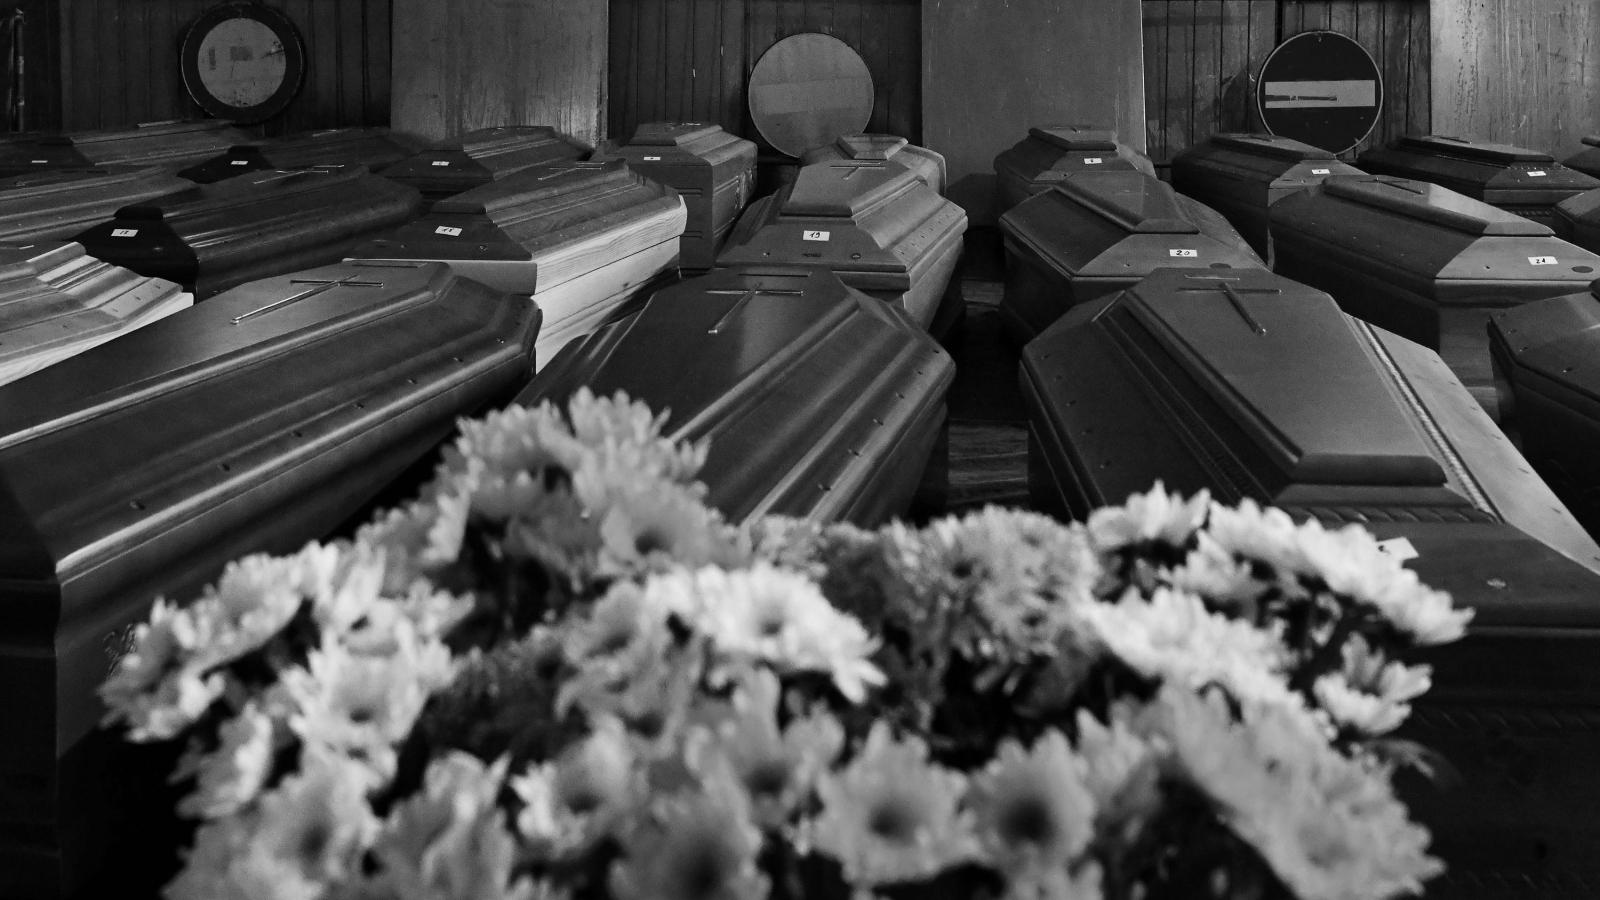 Thế giới vượt mốc đáng buồn: 3 triệu người tử vong vì Covid-19